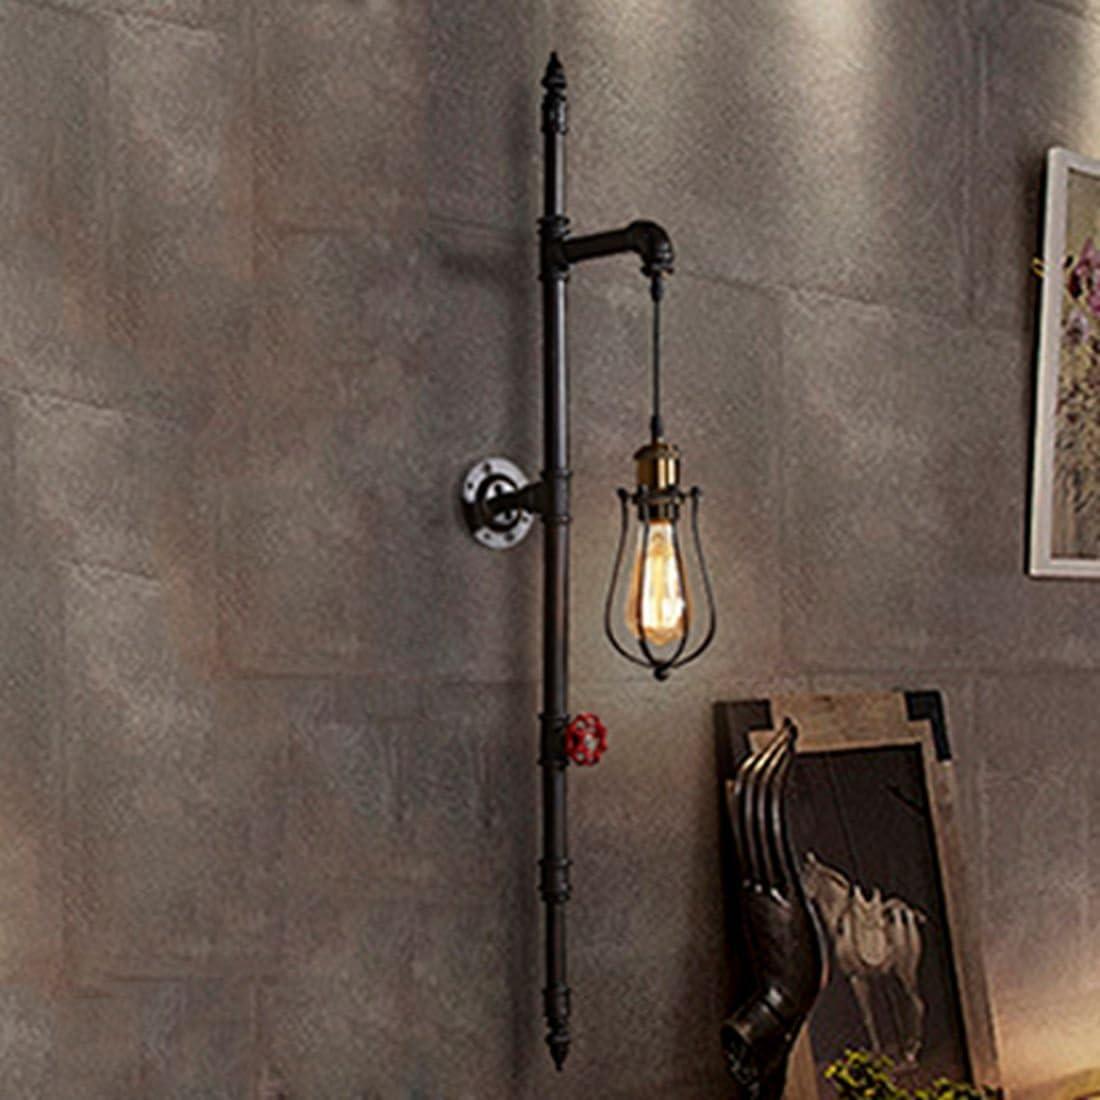 Keine Leuchtmittel RUNNUP Industrielle Vintage Wandlampe Wandleuchte Rohr lampe E27 Sockel f/ür Wohnzimmer Schlafzimmer Restaurant Caf/é Hotel Diele Keller Untergeschoss Dekoration